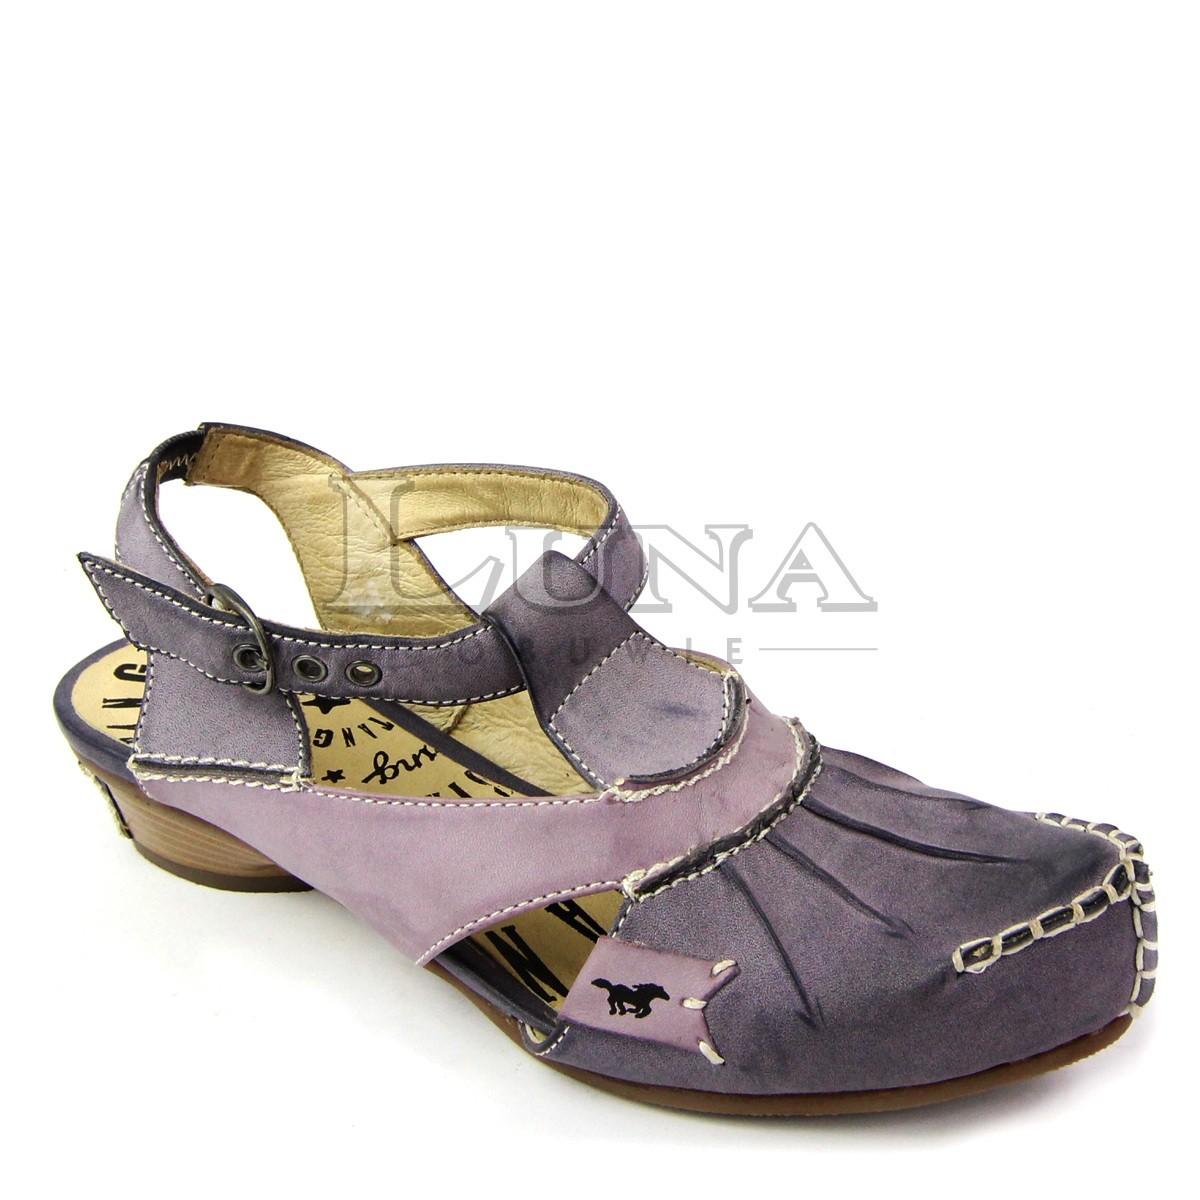 dfdb8d2c597fb sandały MUSTANG - Sklep online Luna Obuwie